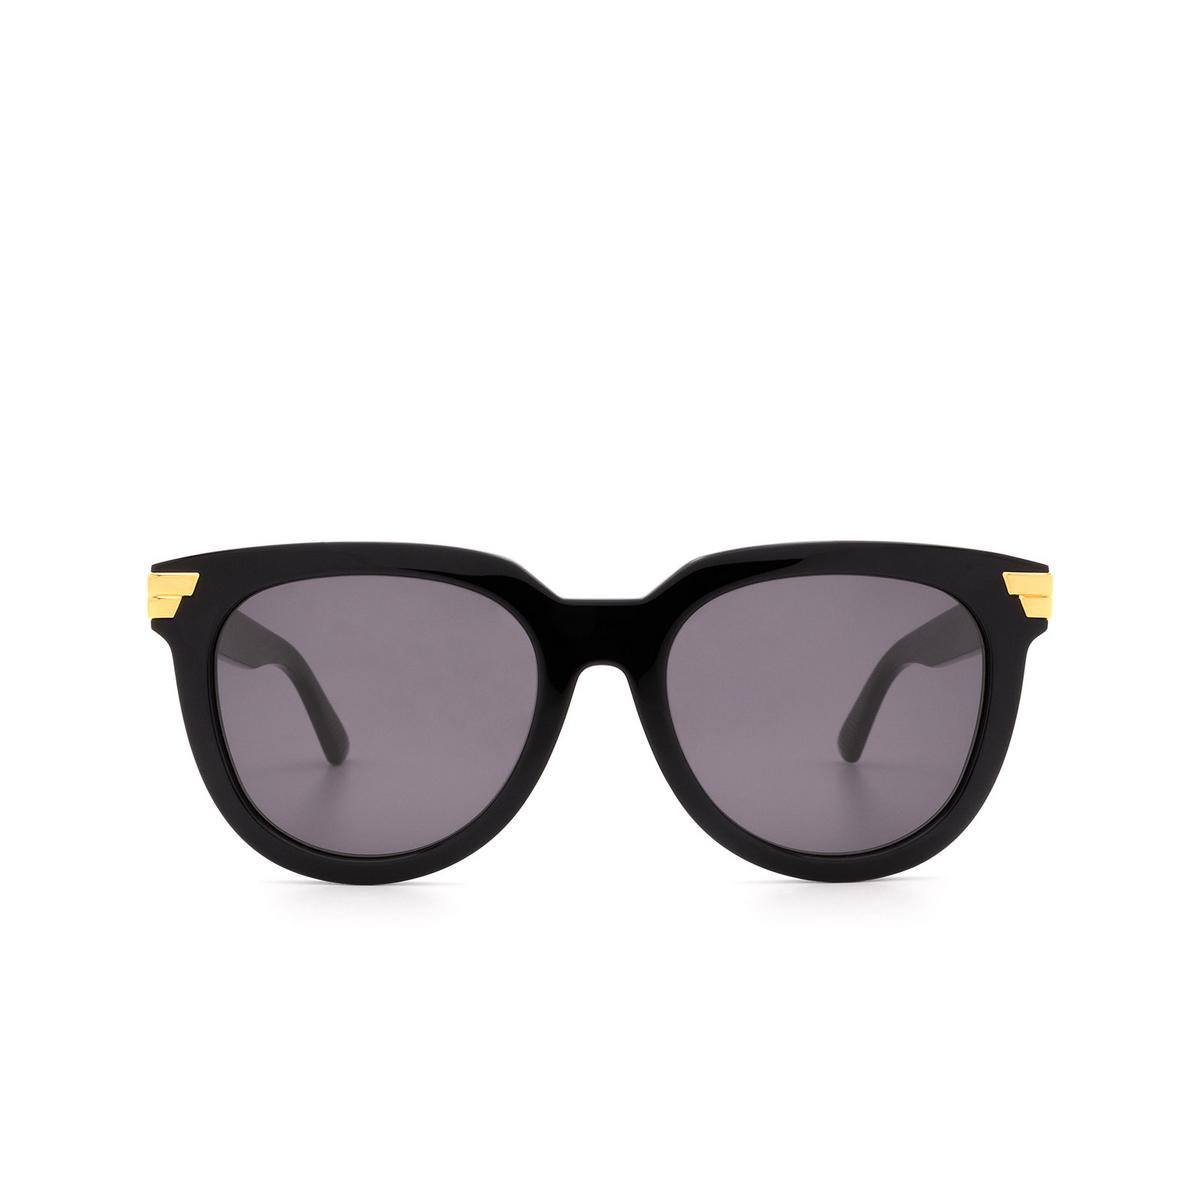 Bottega Veneta® Round Sunglasses: BV1104SA color Black 001 - front view.